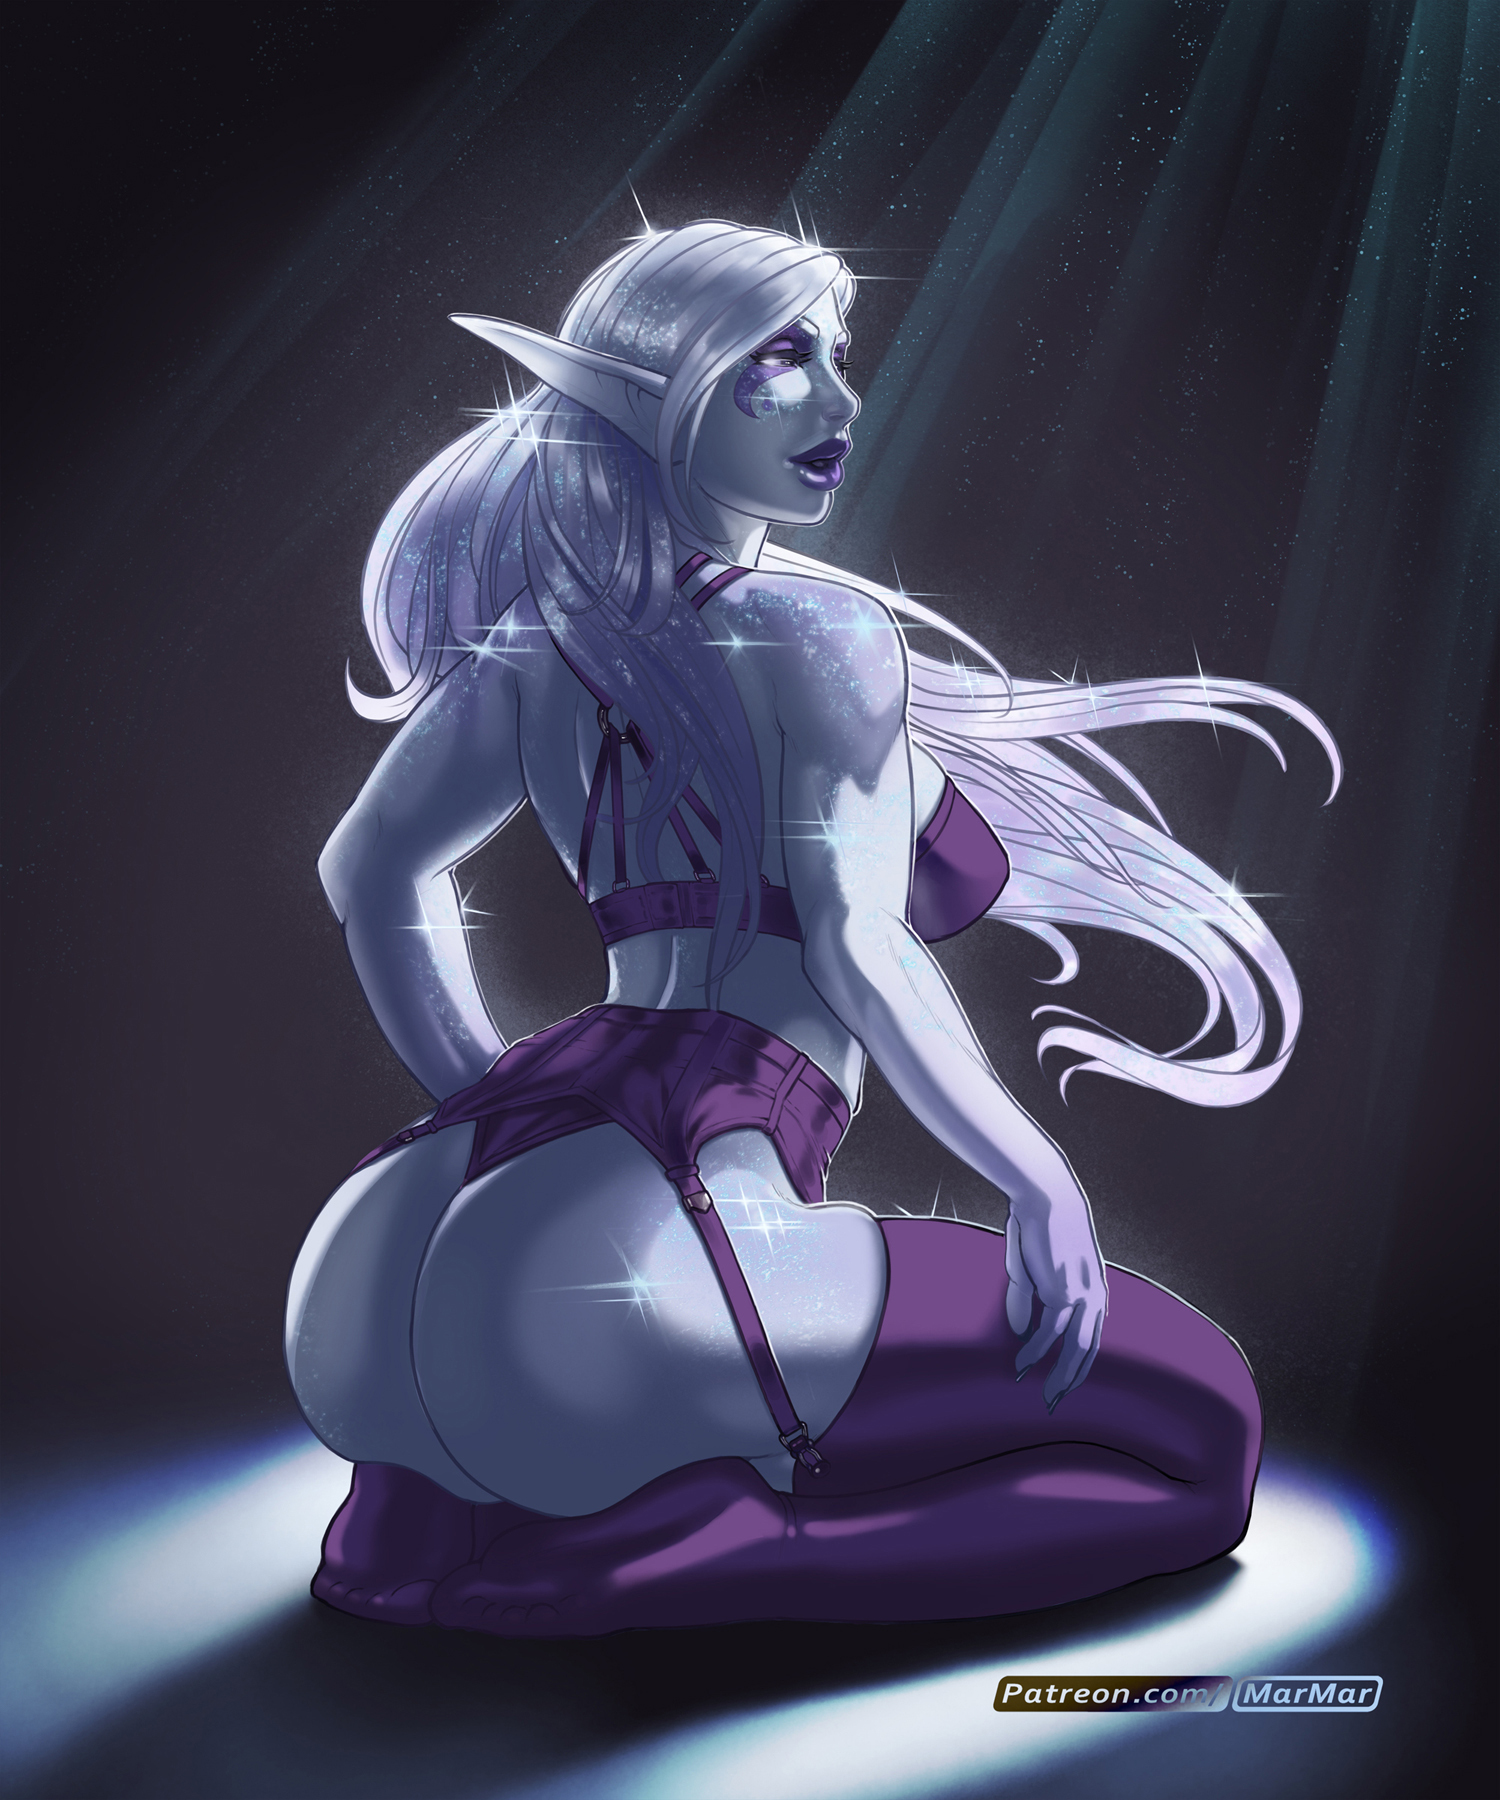 Moonlight Elf Butt - Pinup